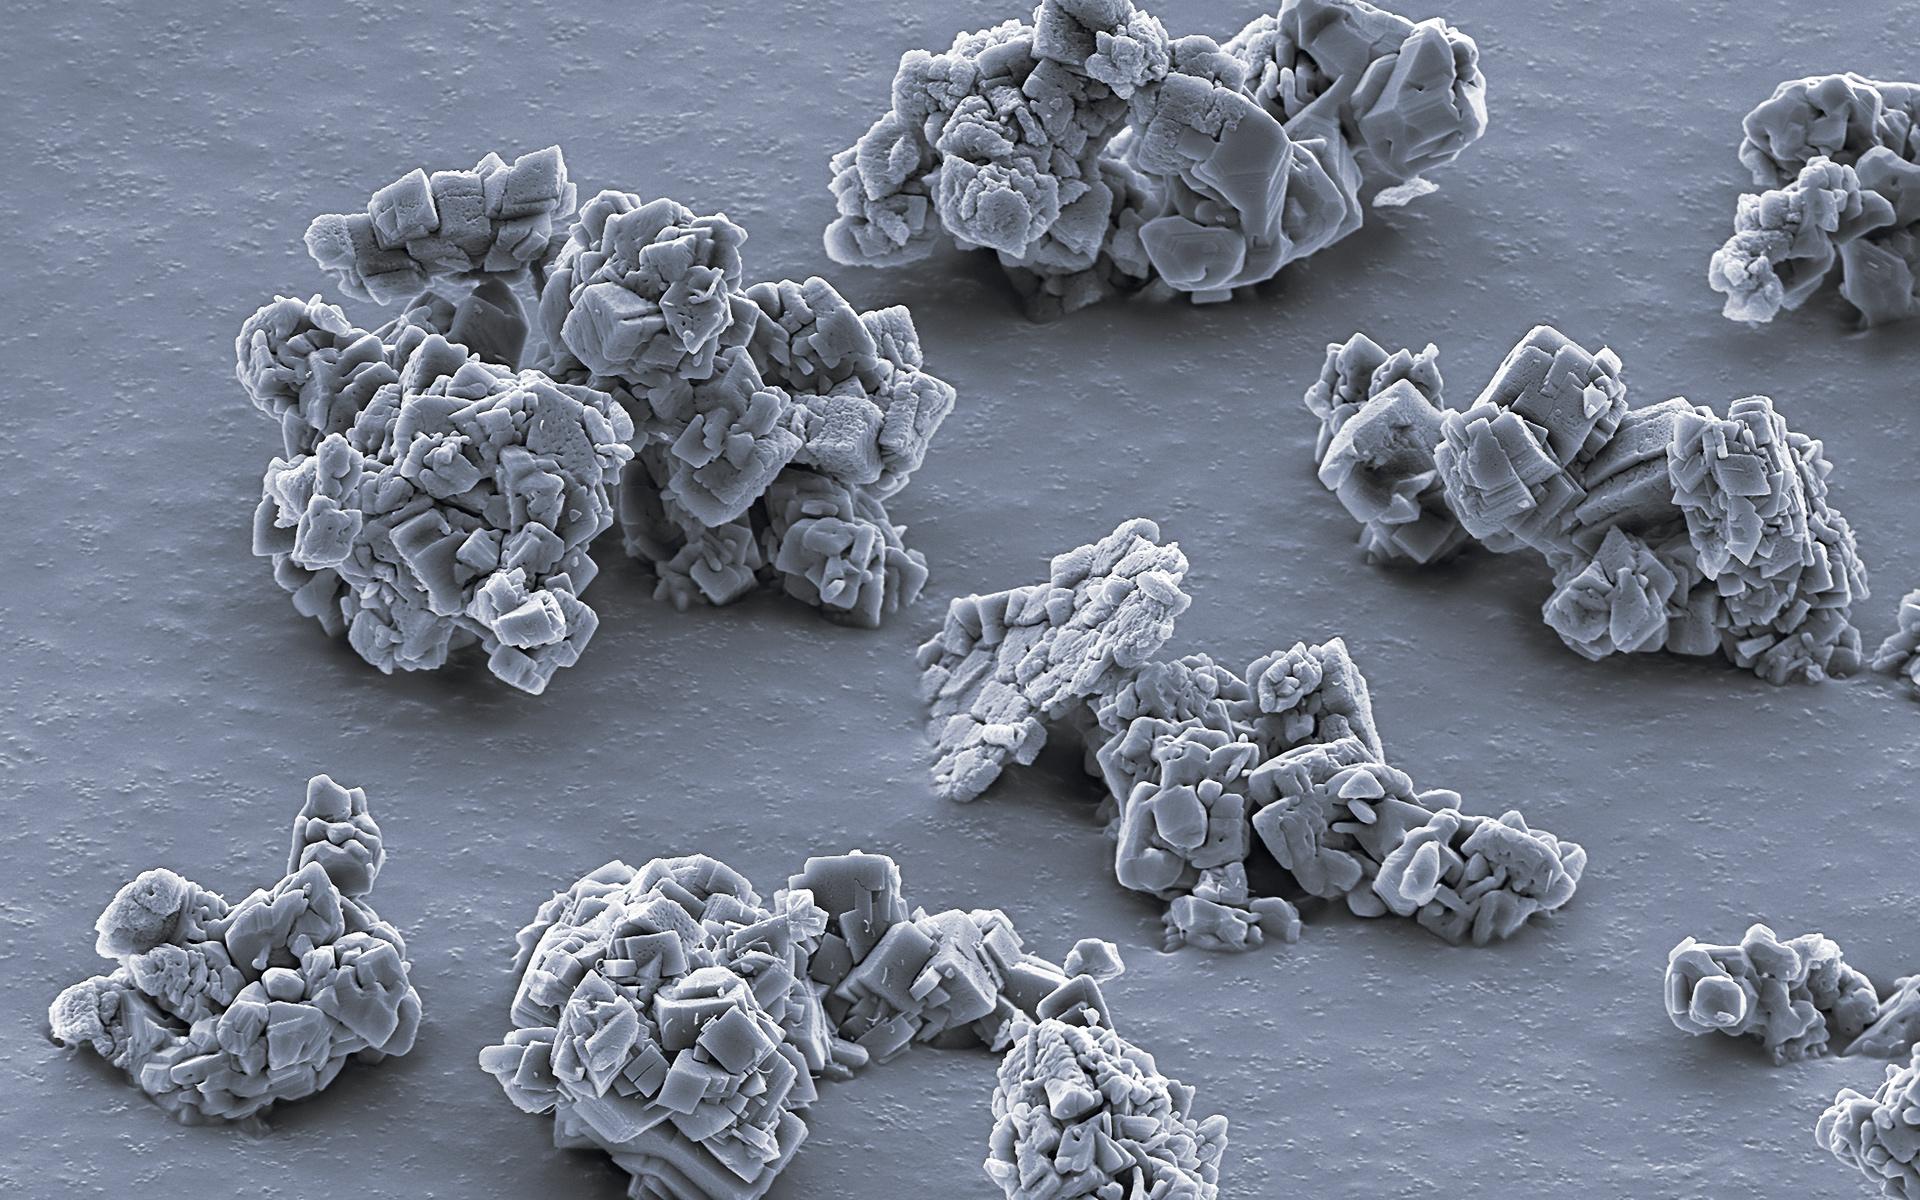 4.000 fach vergrößertes Polieragglomerat. Durch das Zerfallen während des Polierens nimmt die Polierwirkung ab.